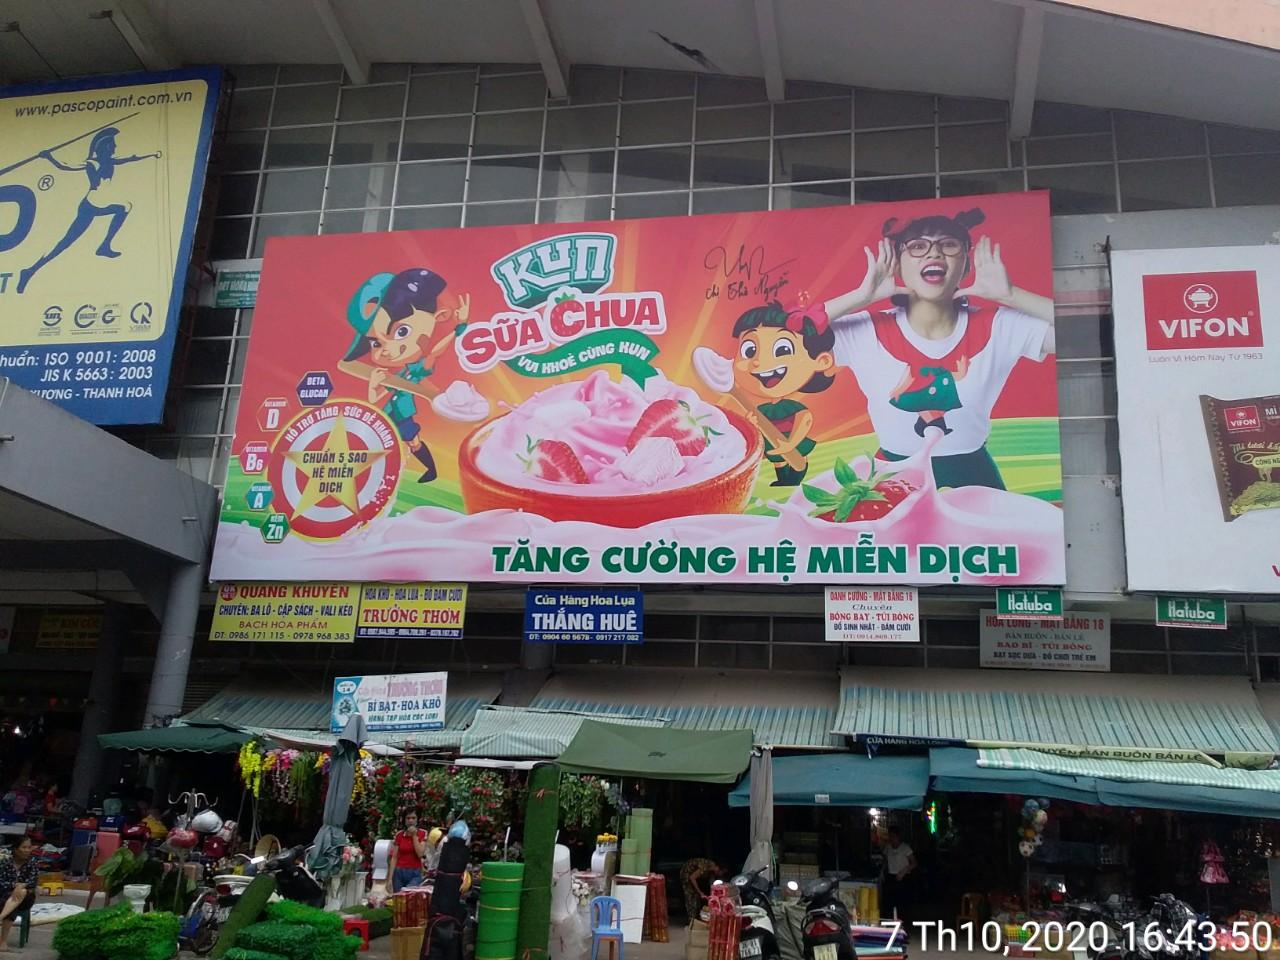 Biển quảng cáo tại chợ